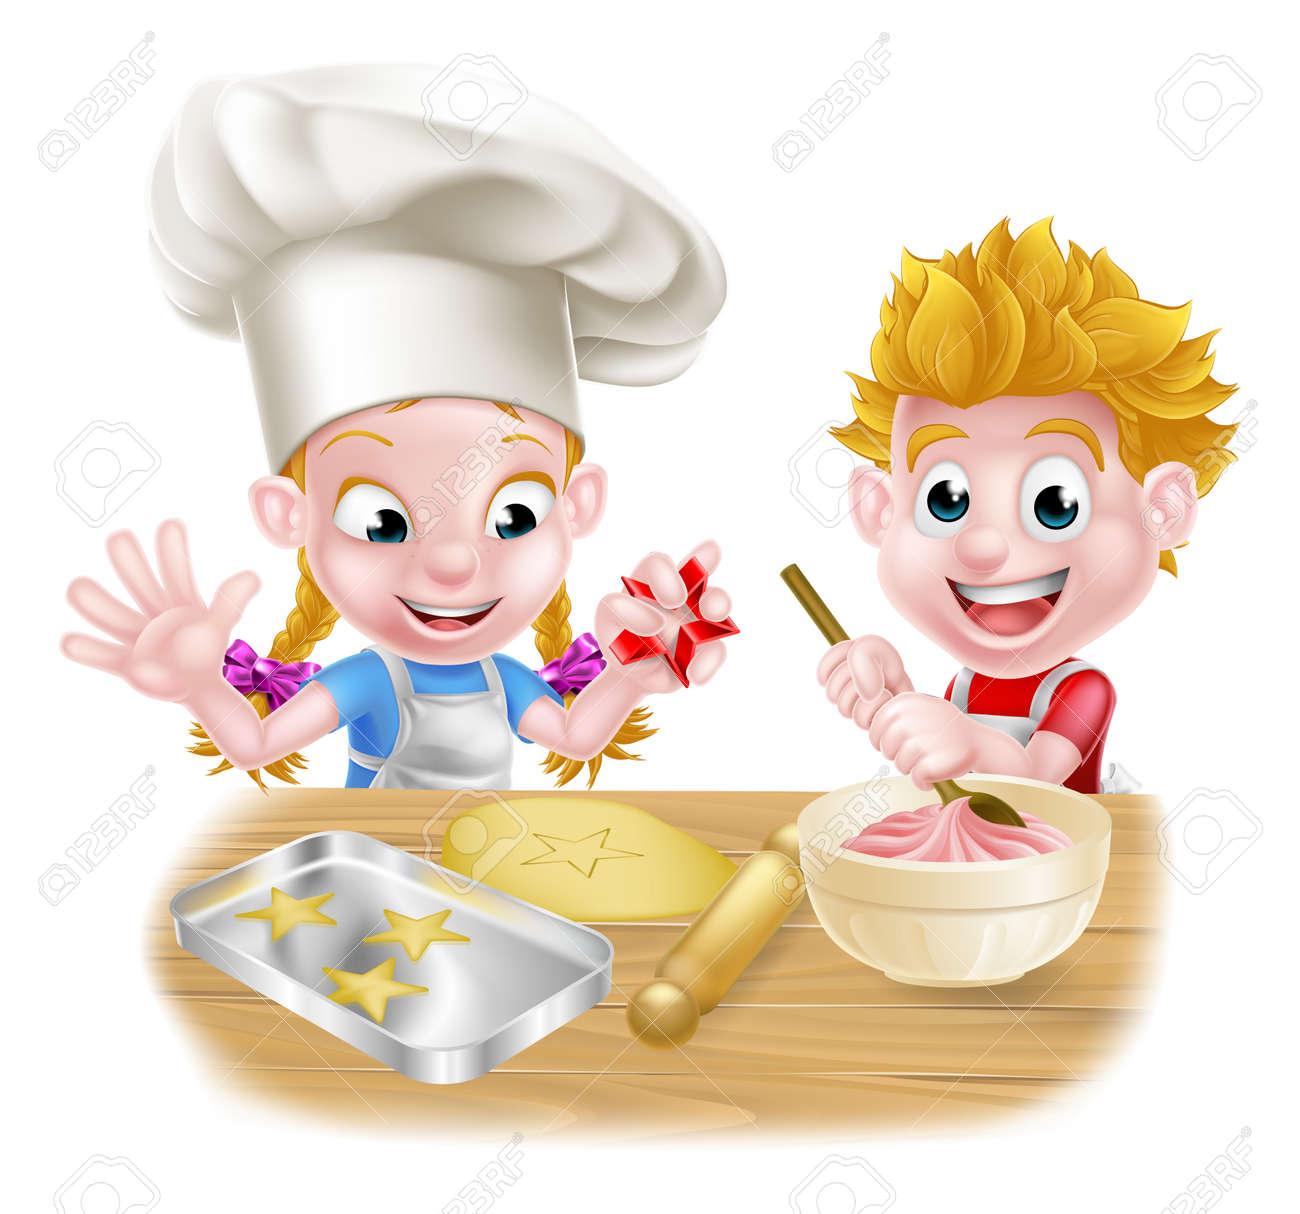 Niños De Dibujos Animados Cocinar Y Hornear Como Chefs De La Cocina